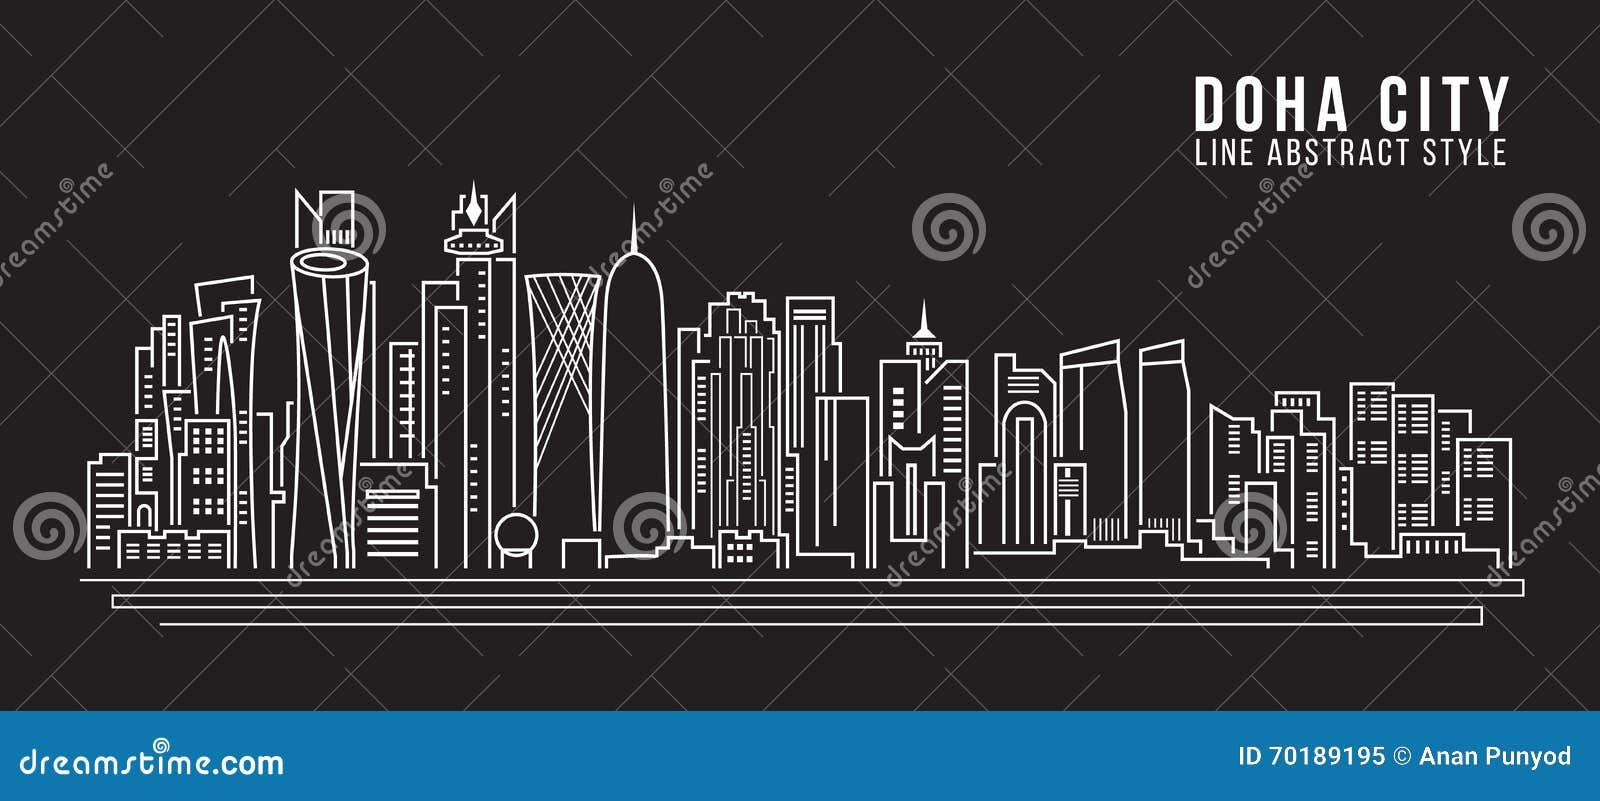 Cityscapebyggnadslinje design för konstvektorillustration - doha stad